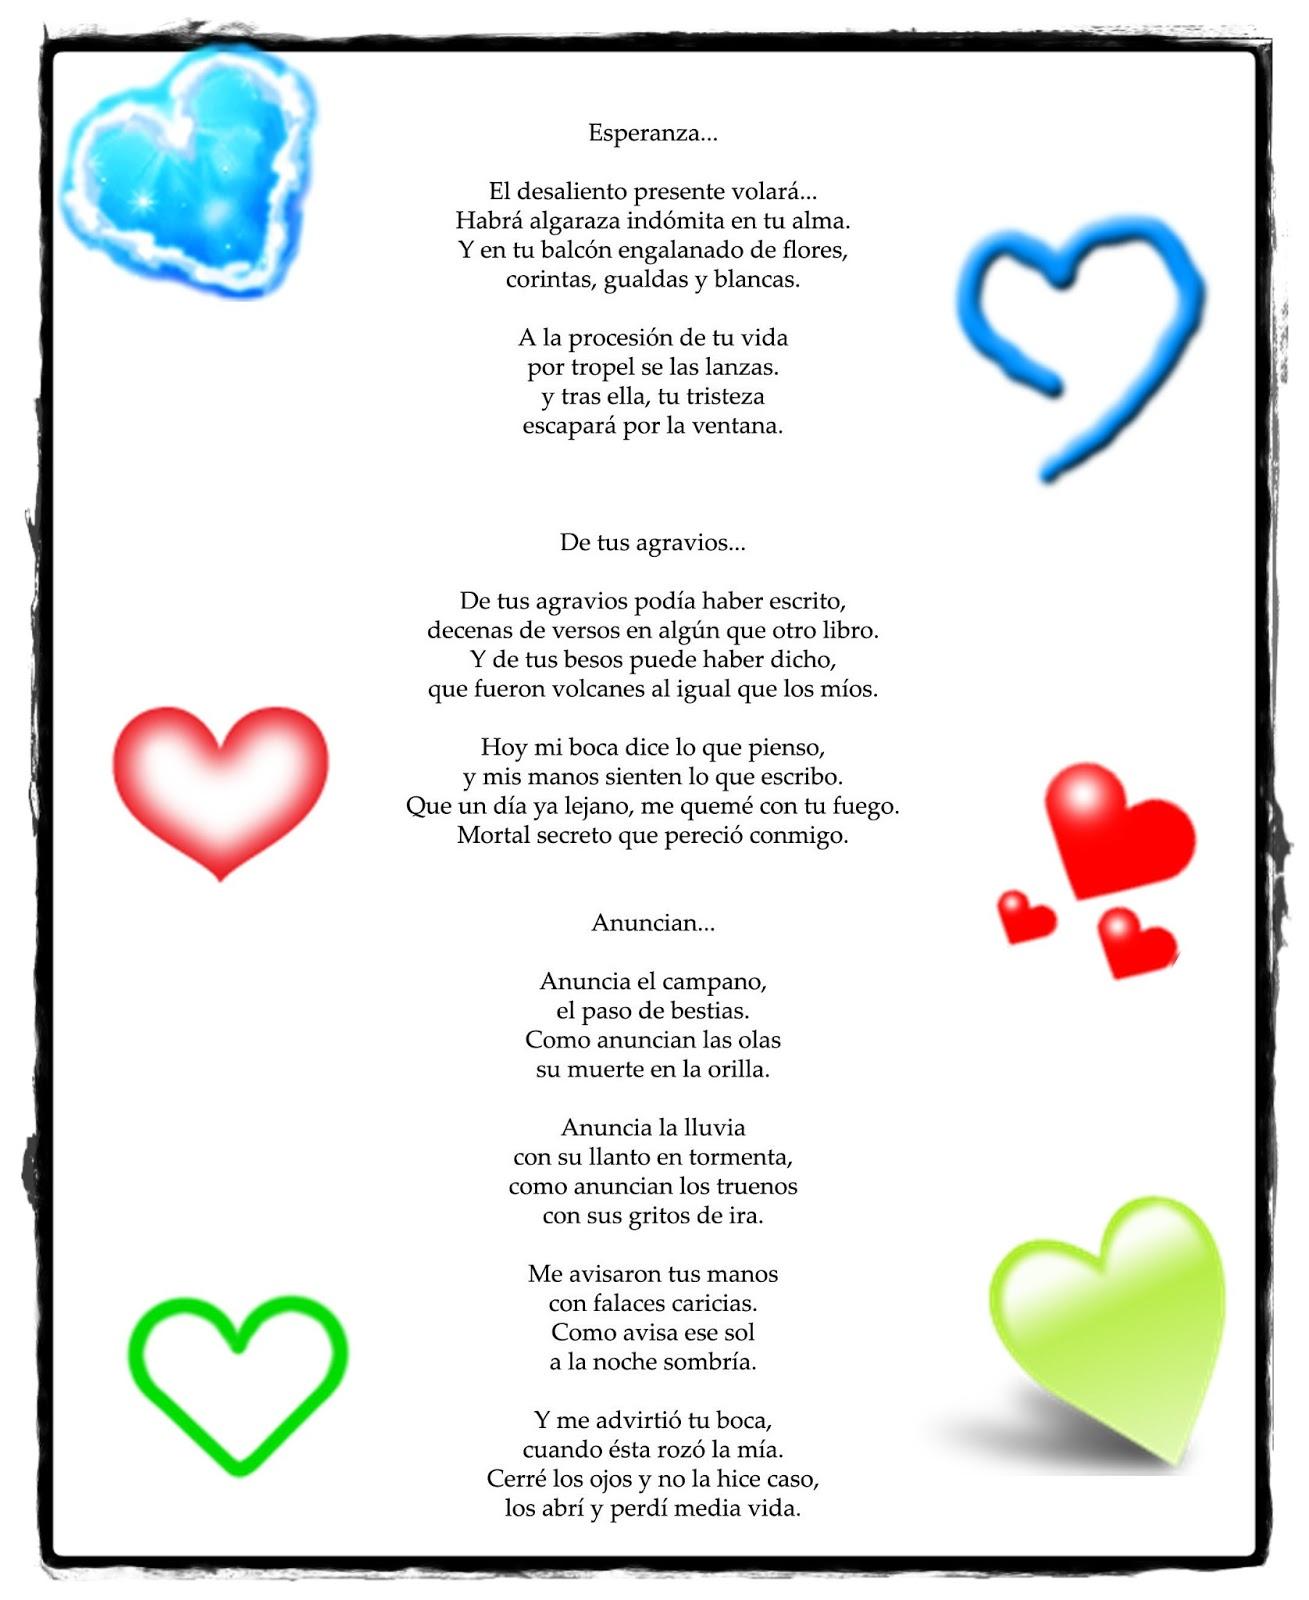 El Club De Los Poetas Violentos - La Saga Continua 24/7